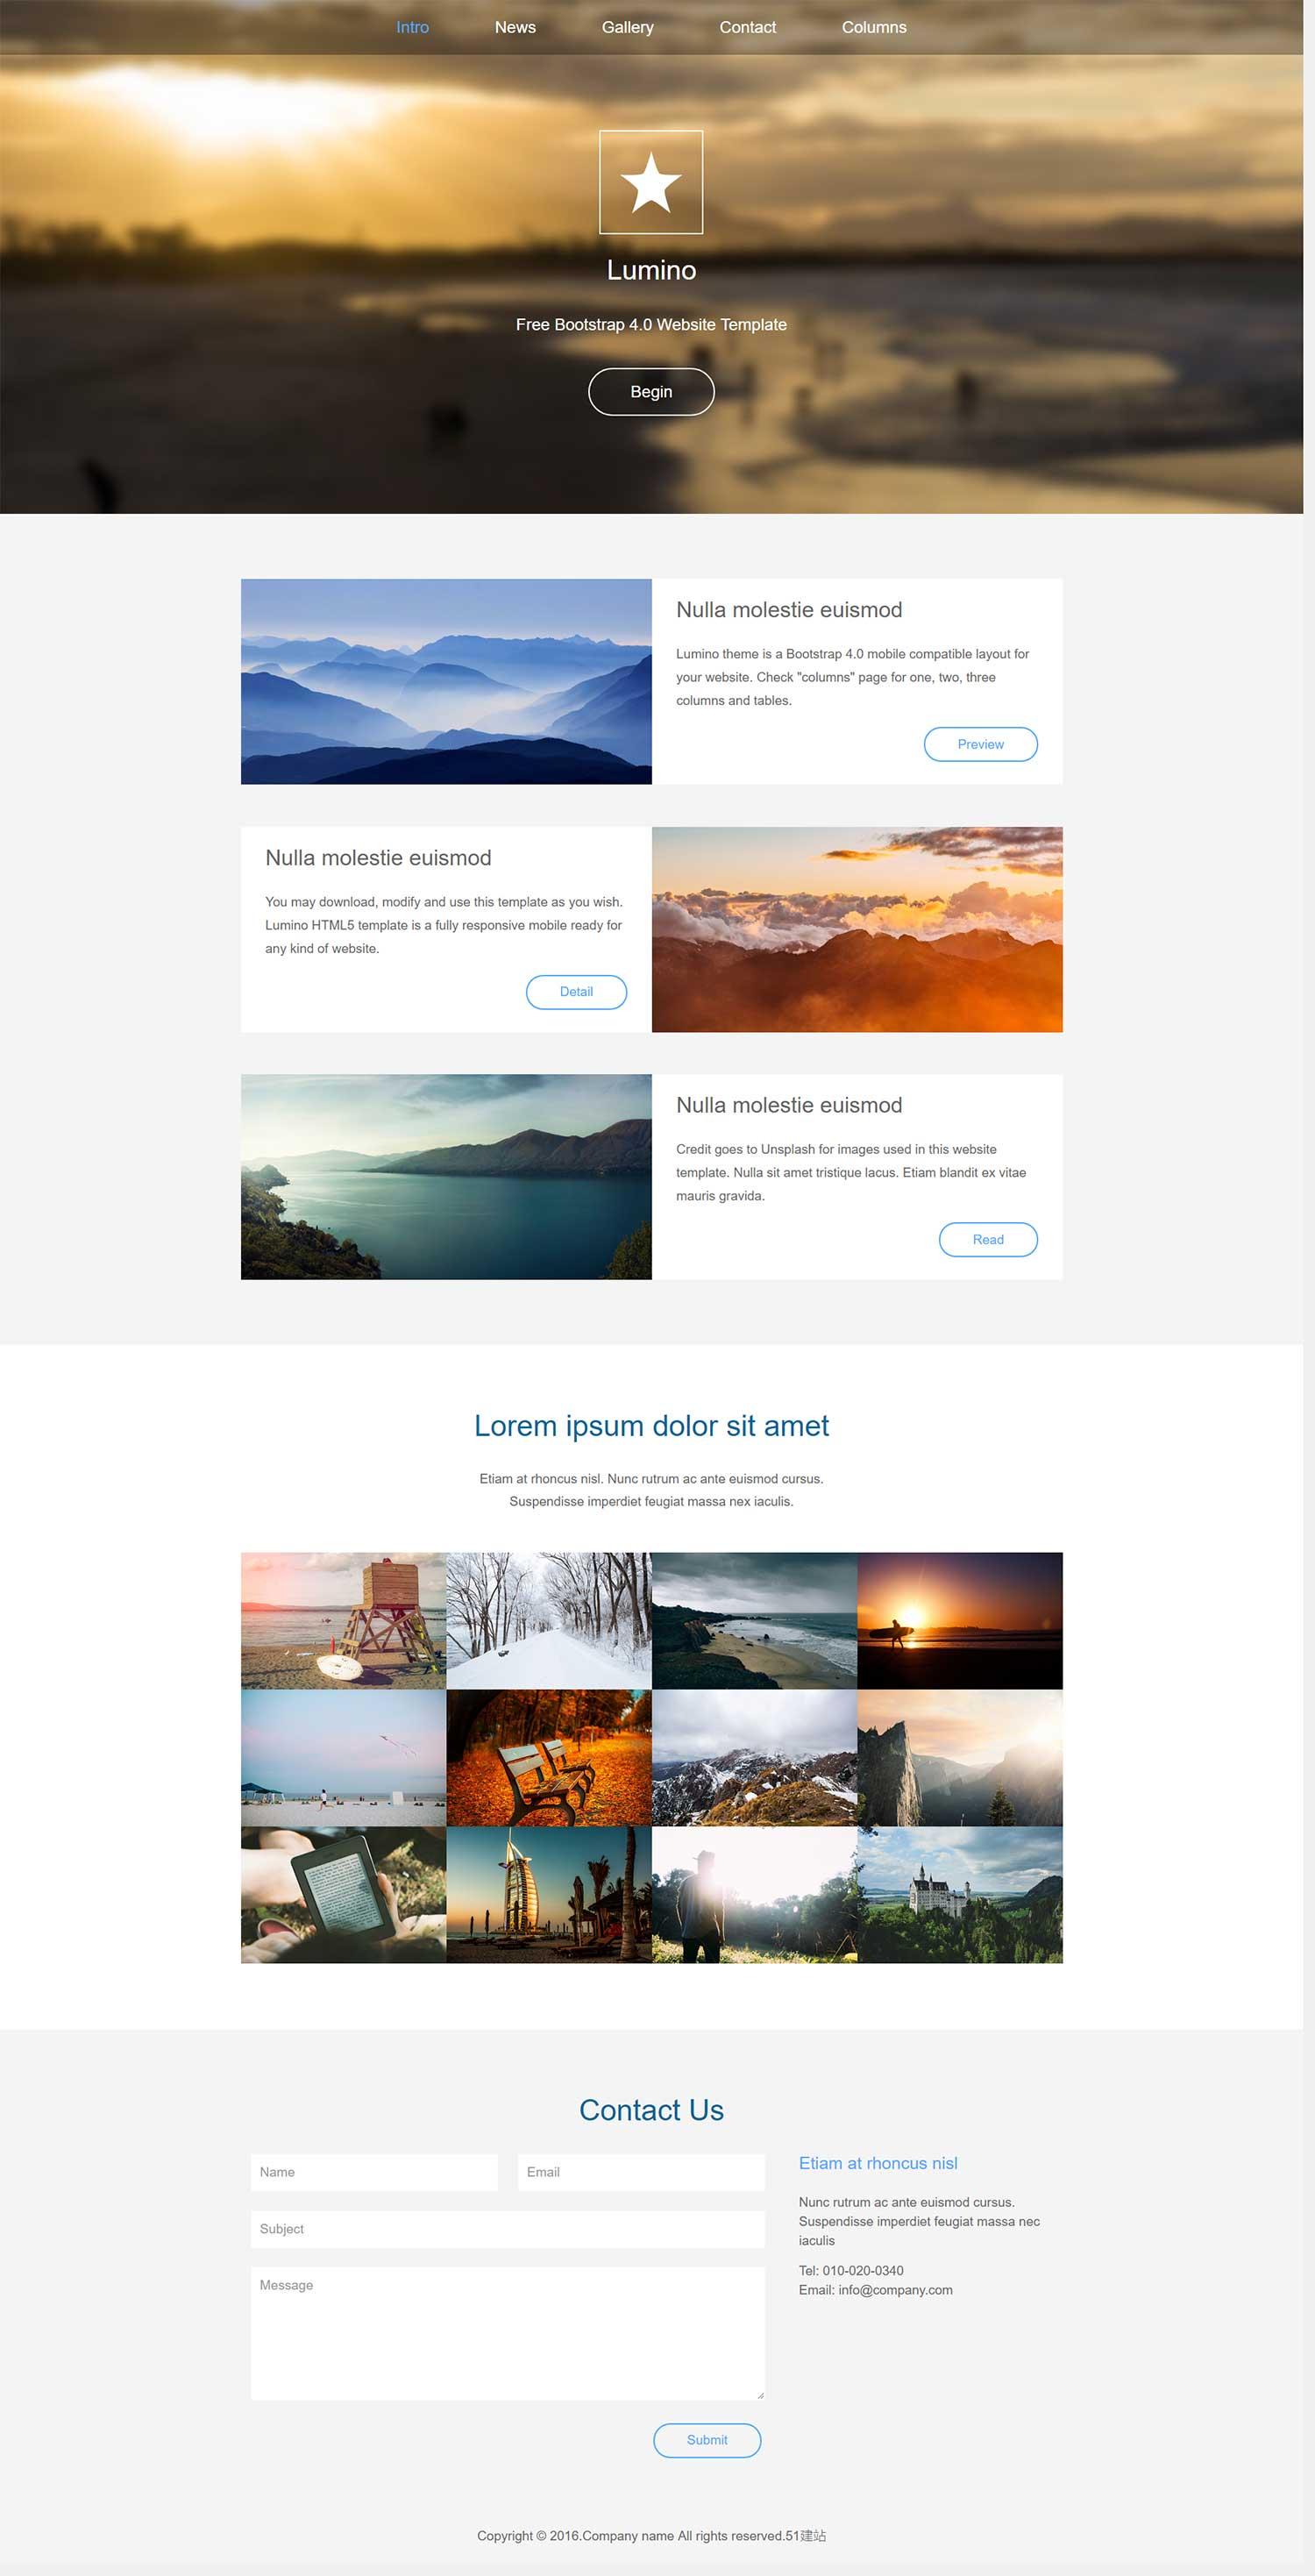 扁平化个人摄影博客html5模板是一款大气扁平风格的摄影爱好者网站模板